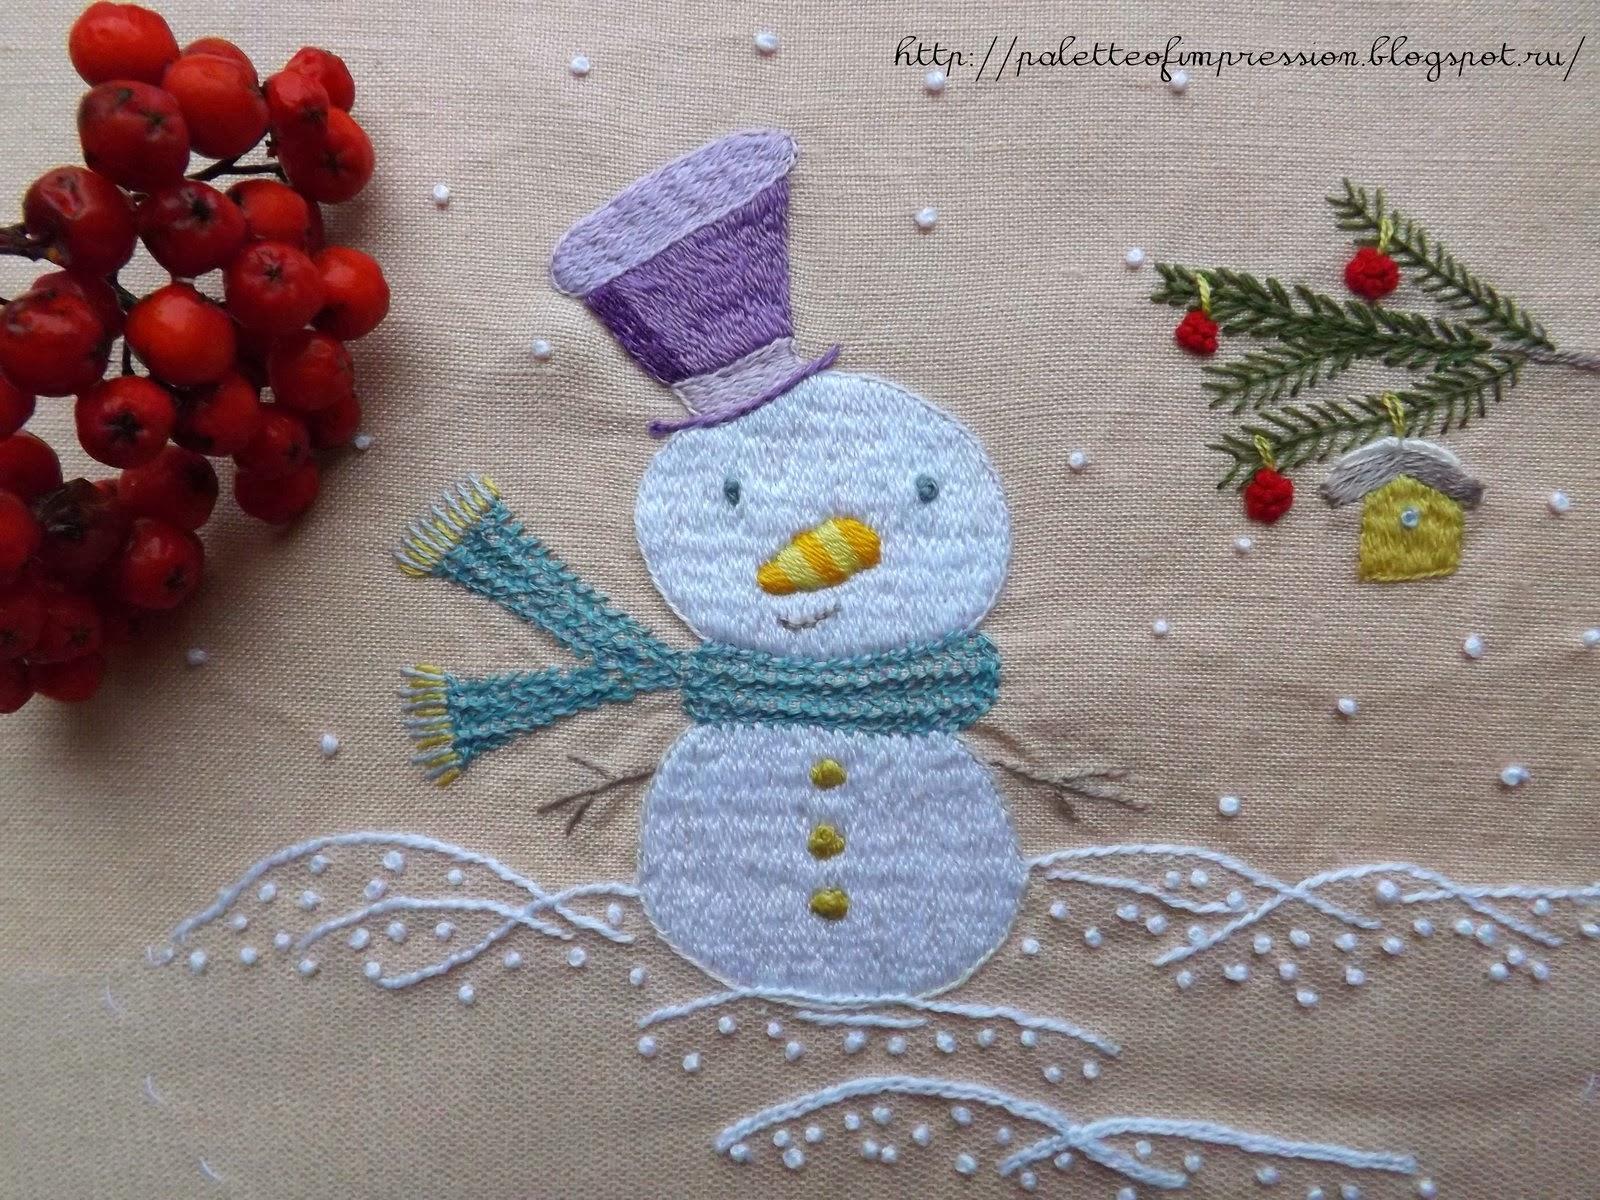 """Школа вышивки """"Зимняя сказка"""". Снеговик, вышитый гладью. Блог Вся палитра впечатлений. Французские узелки, шов """"елочка"""", стебельчатый шов, петля вприкреп."""